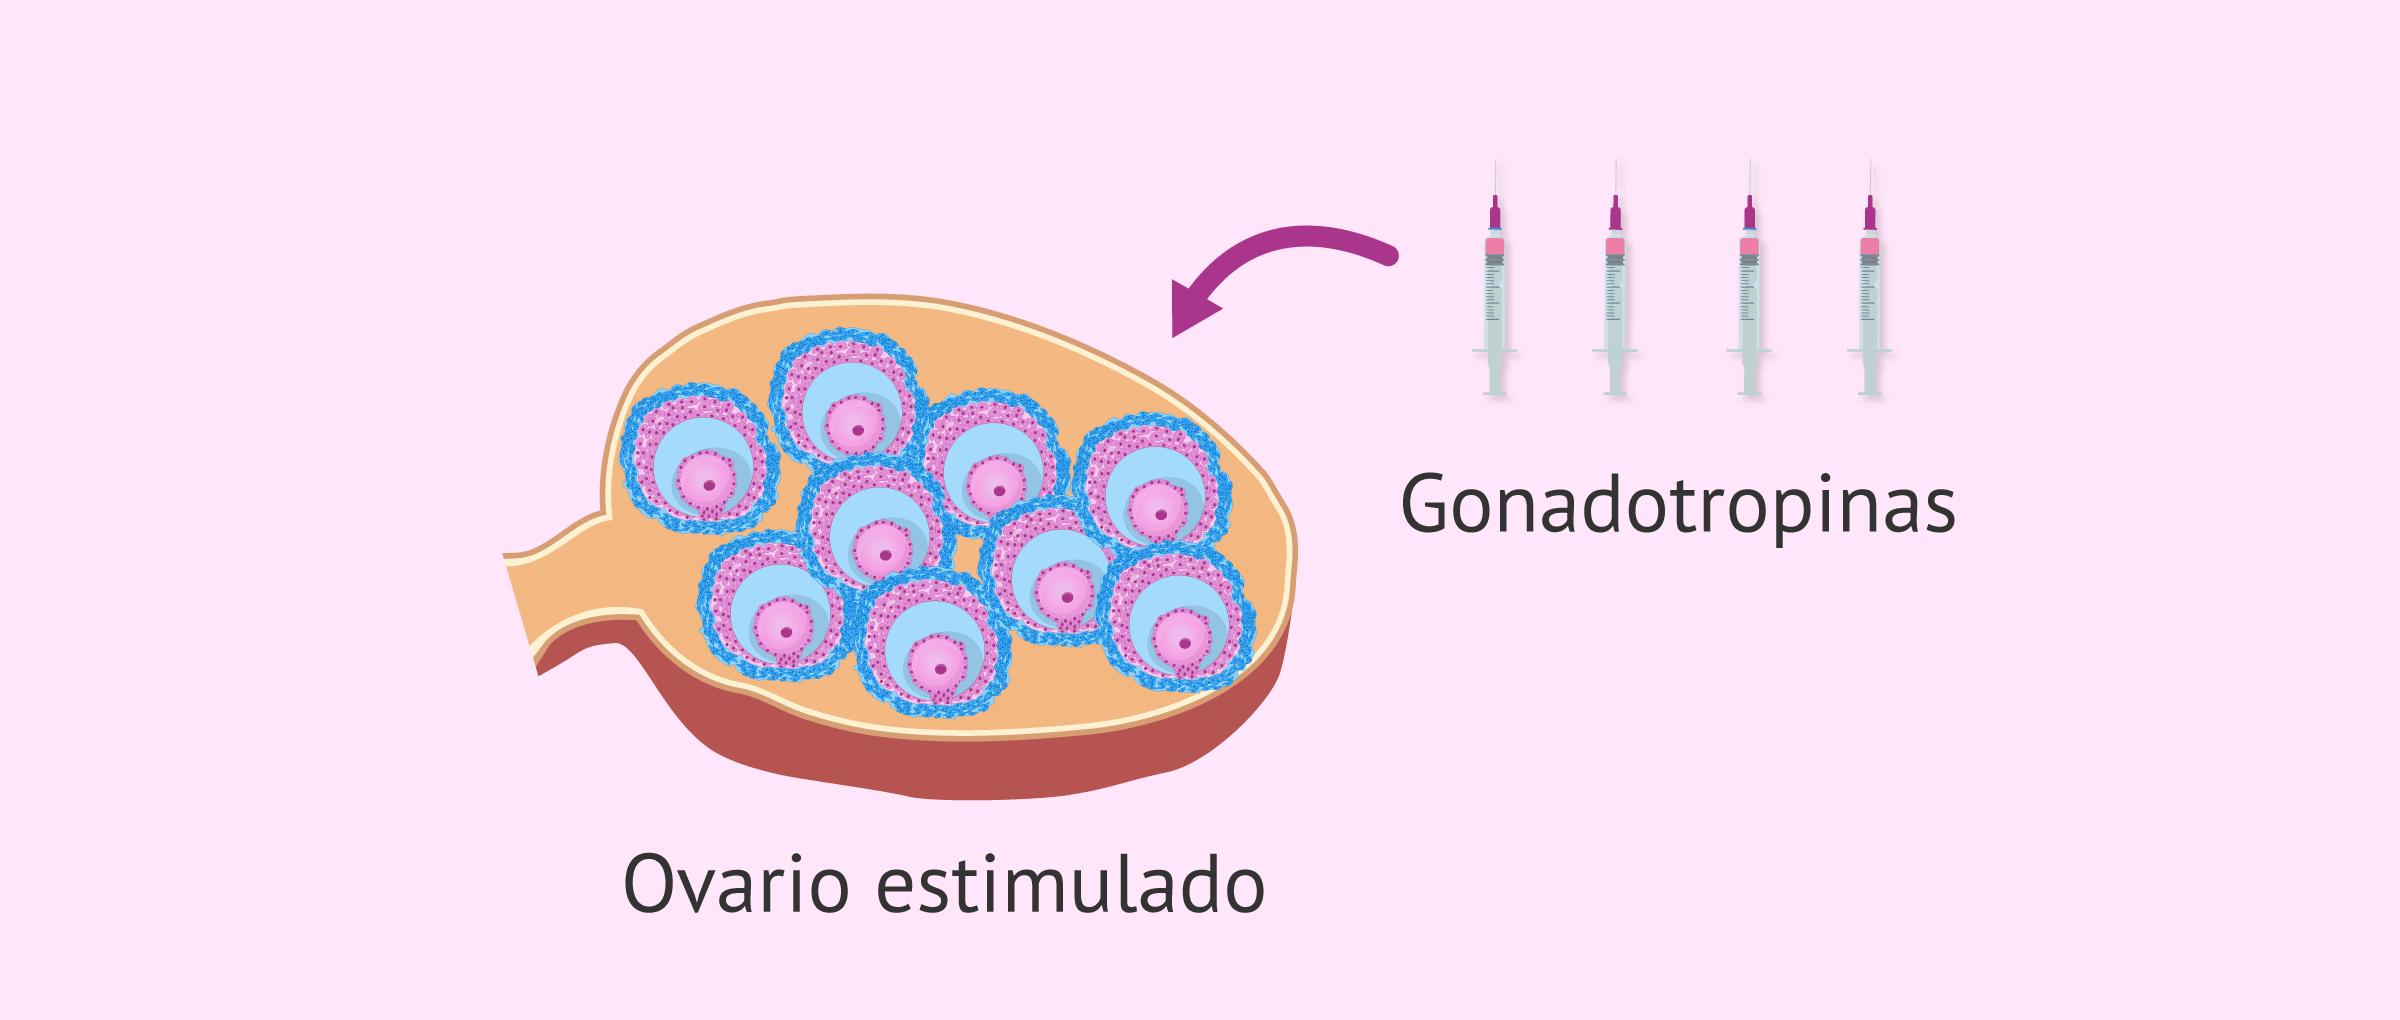 gonadotropinas